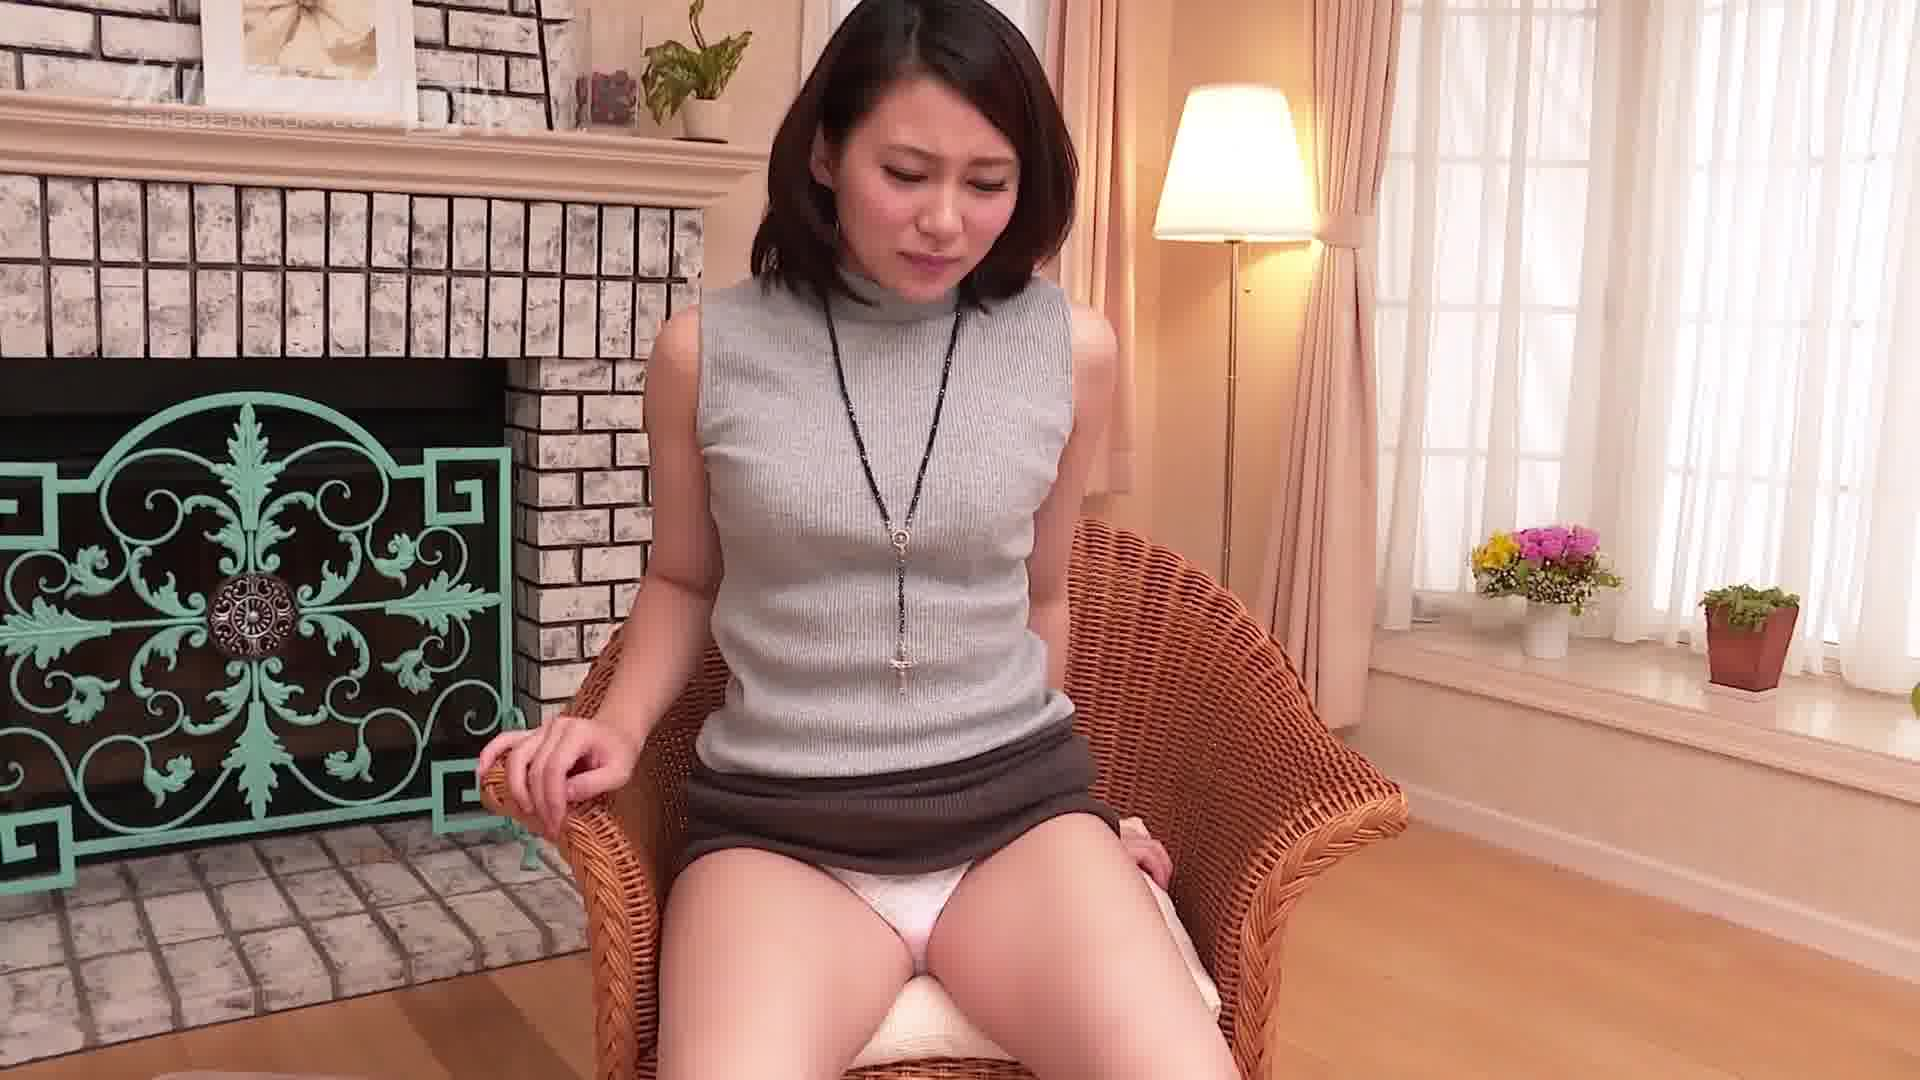 カリビアン・ダイヤモンド Vol.4 - 越川アメリ【初裏・潮吹き・中出し】